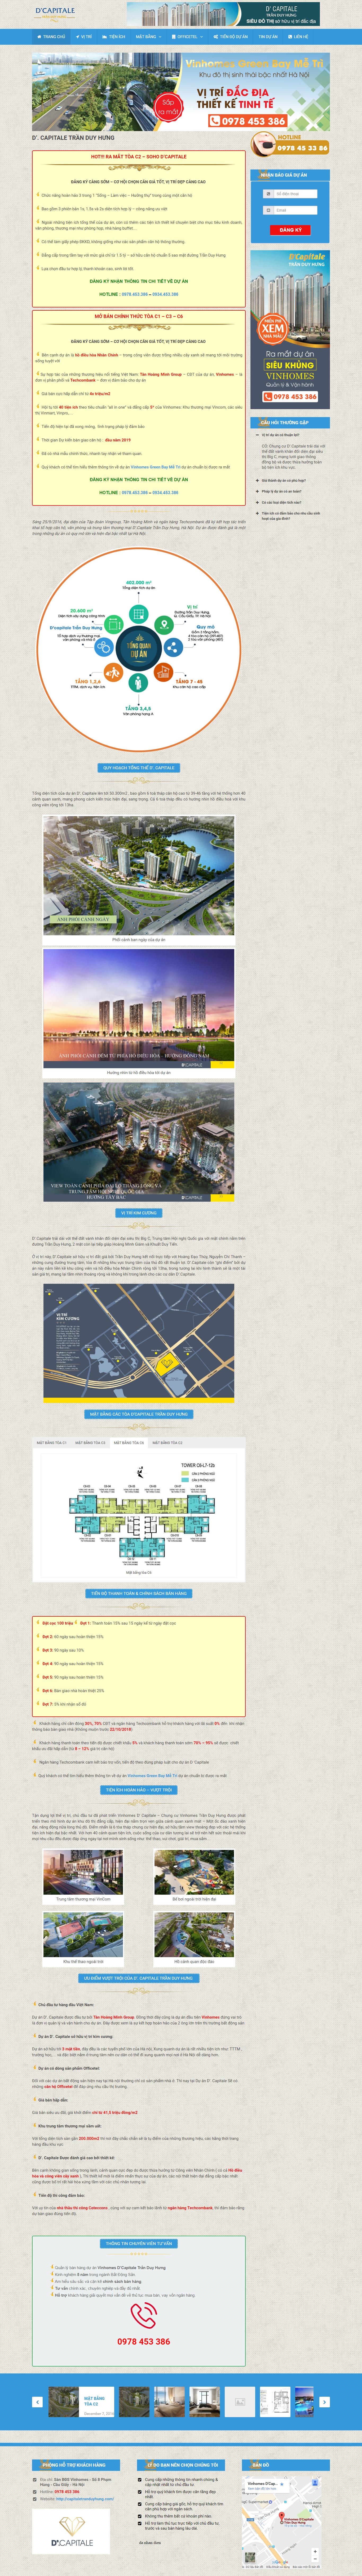 Giao diện website Bất động sản Z - 38